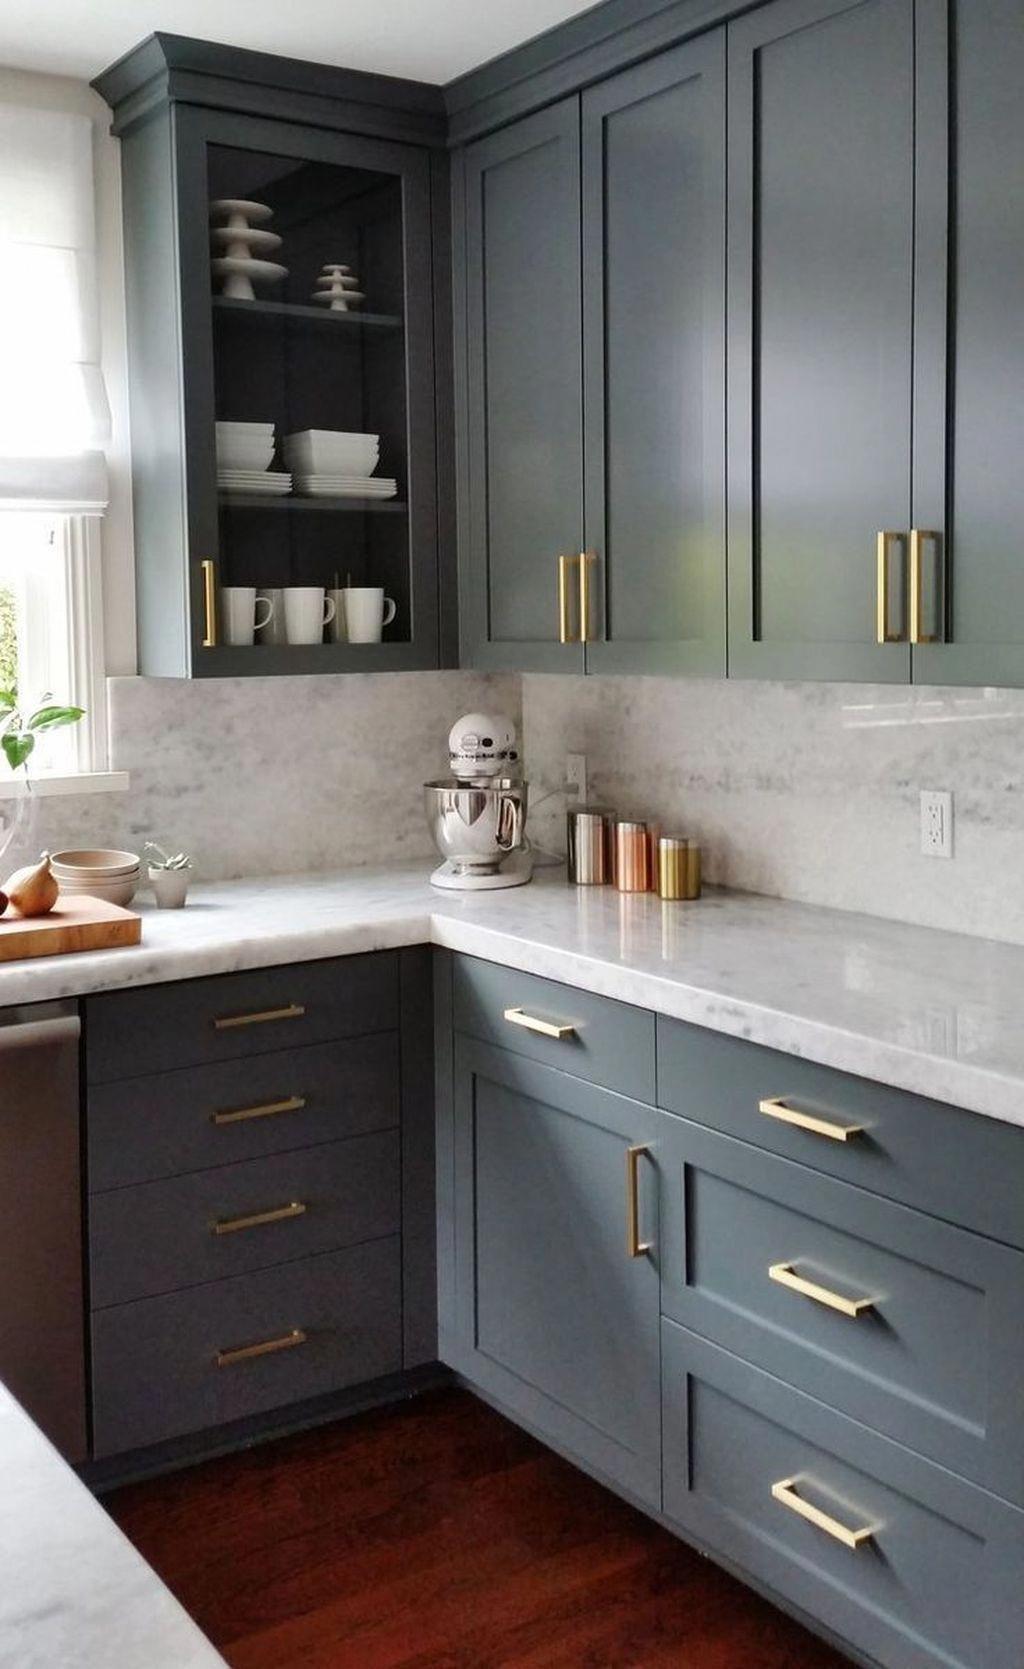 39 Creative Gray Kitchen Cabinet Ideas In 2020 With Images Kitchen Design Diy Kitchen Renovation Kitchen Cabinet Design